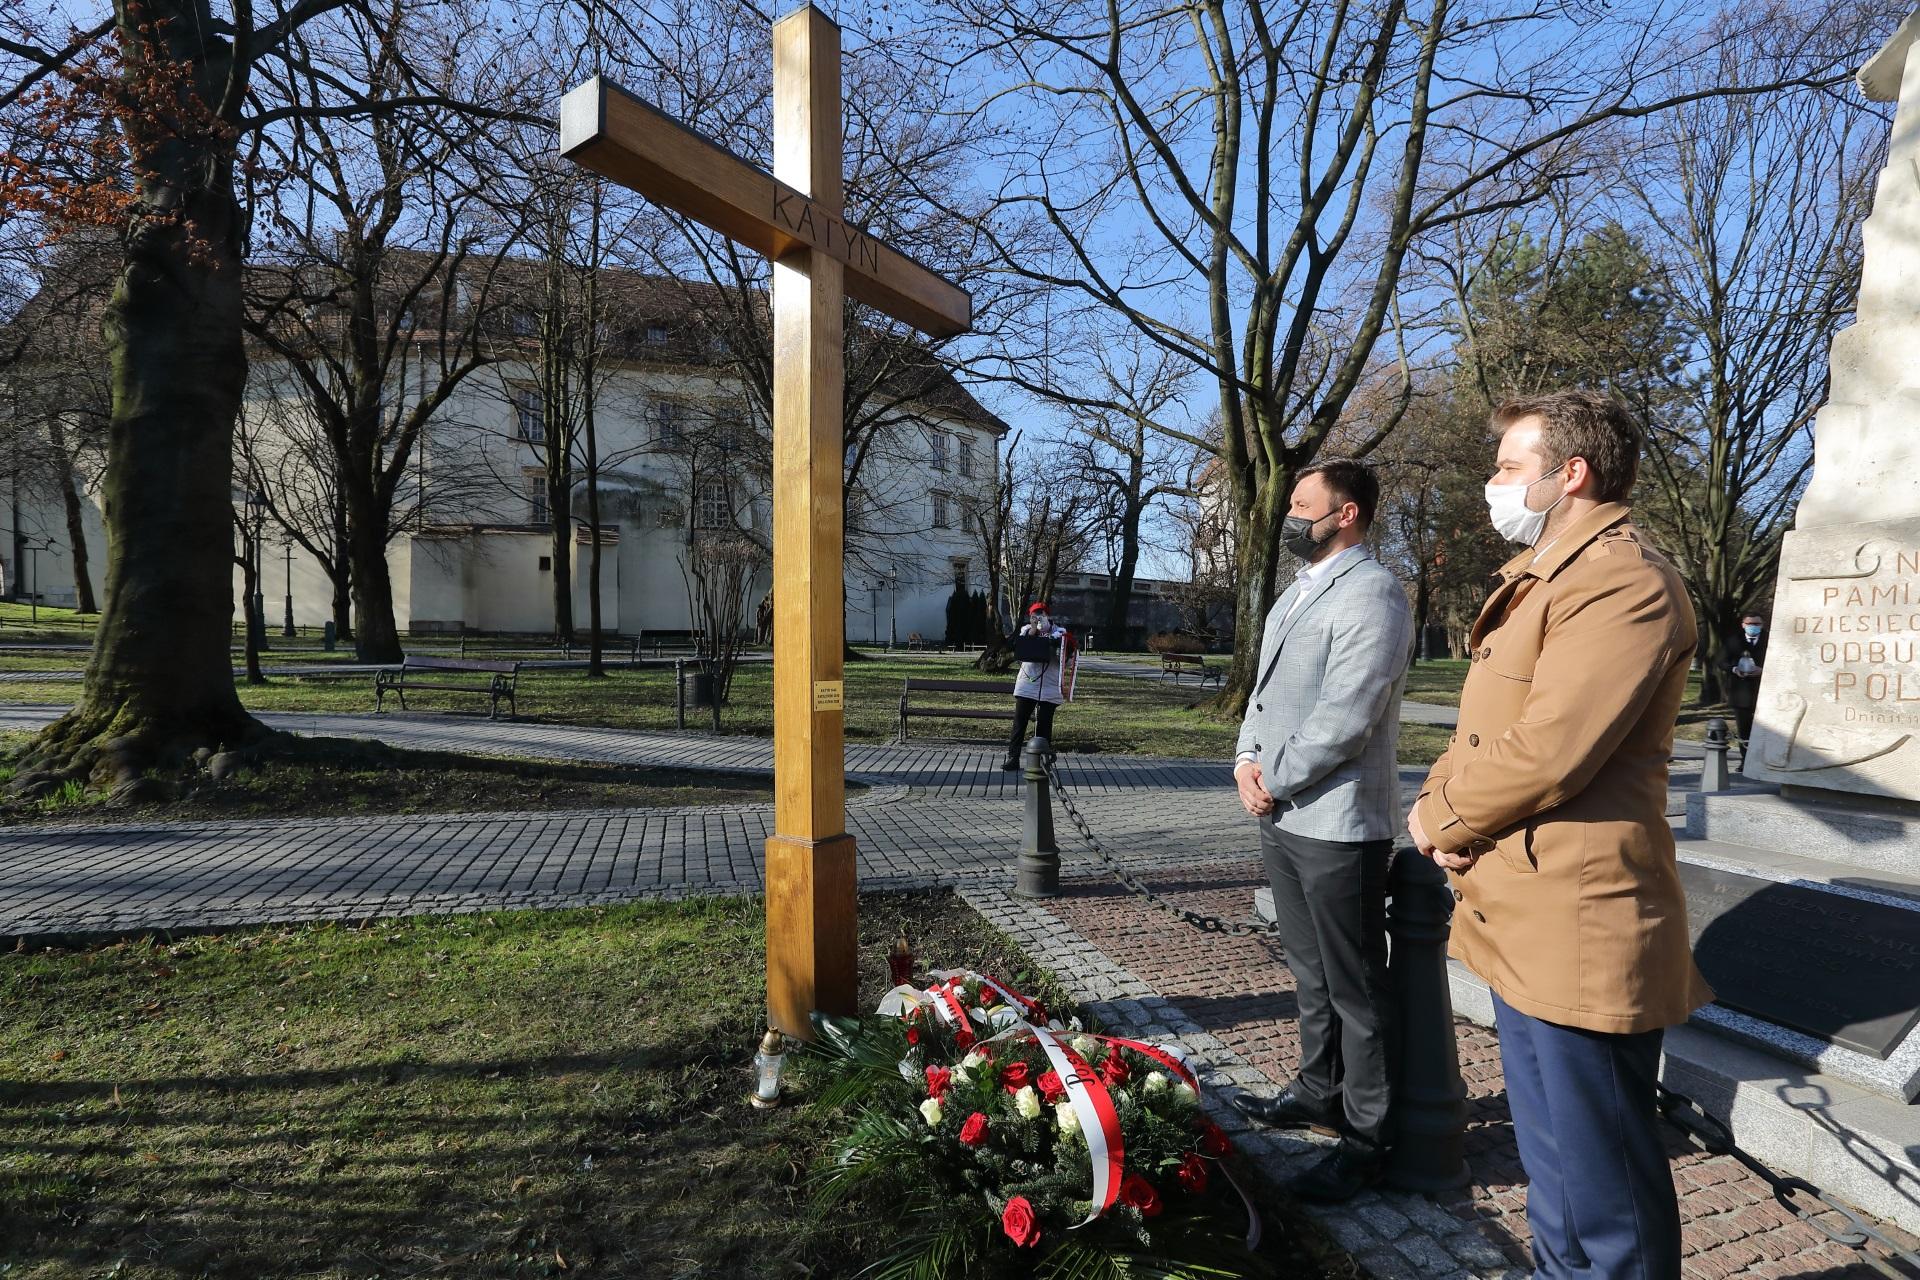 Poseł Rafał Bochenek i radny miejski Piotr Klimczyk. Spoglądają na drewniany krzyż stojący na wielickich Plantach. U stóp krzyża spoczywają biało-czerwone kwiaty